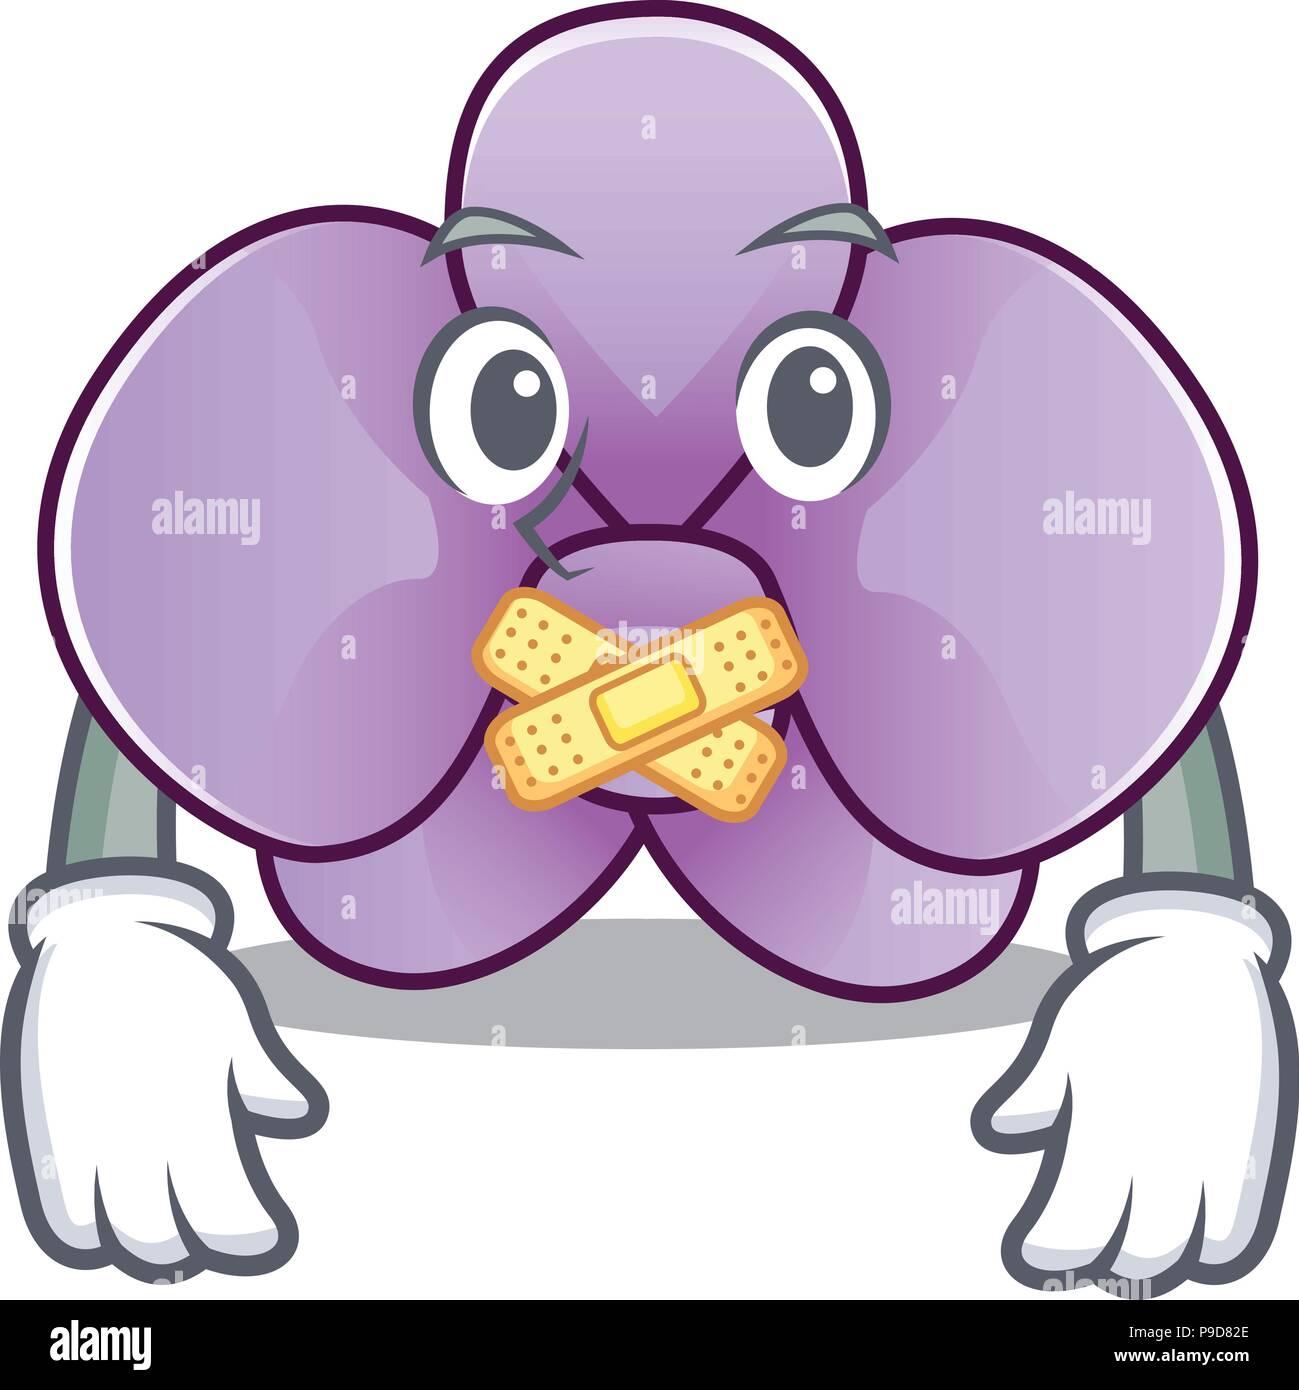 Silent Orchid Flower Mascot Cartoon